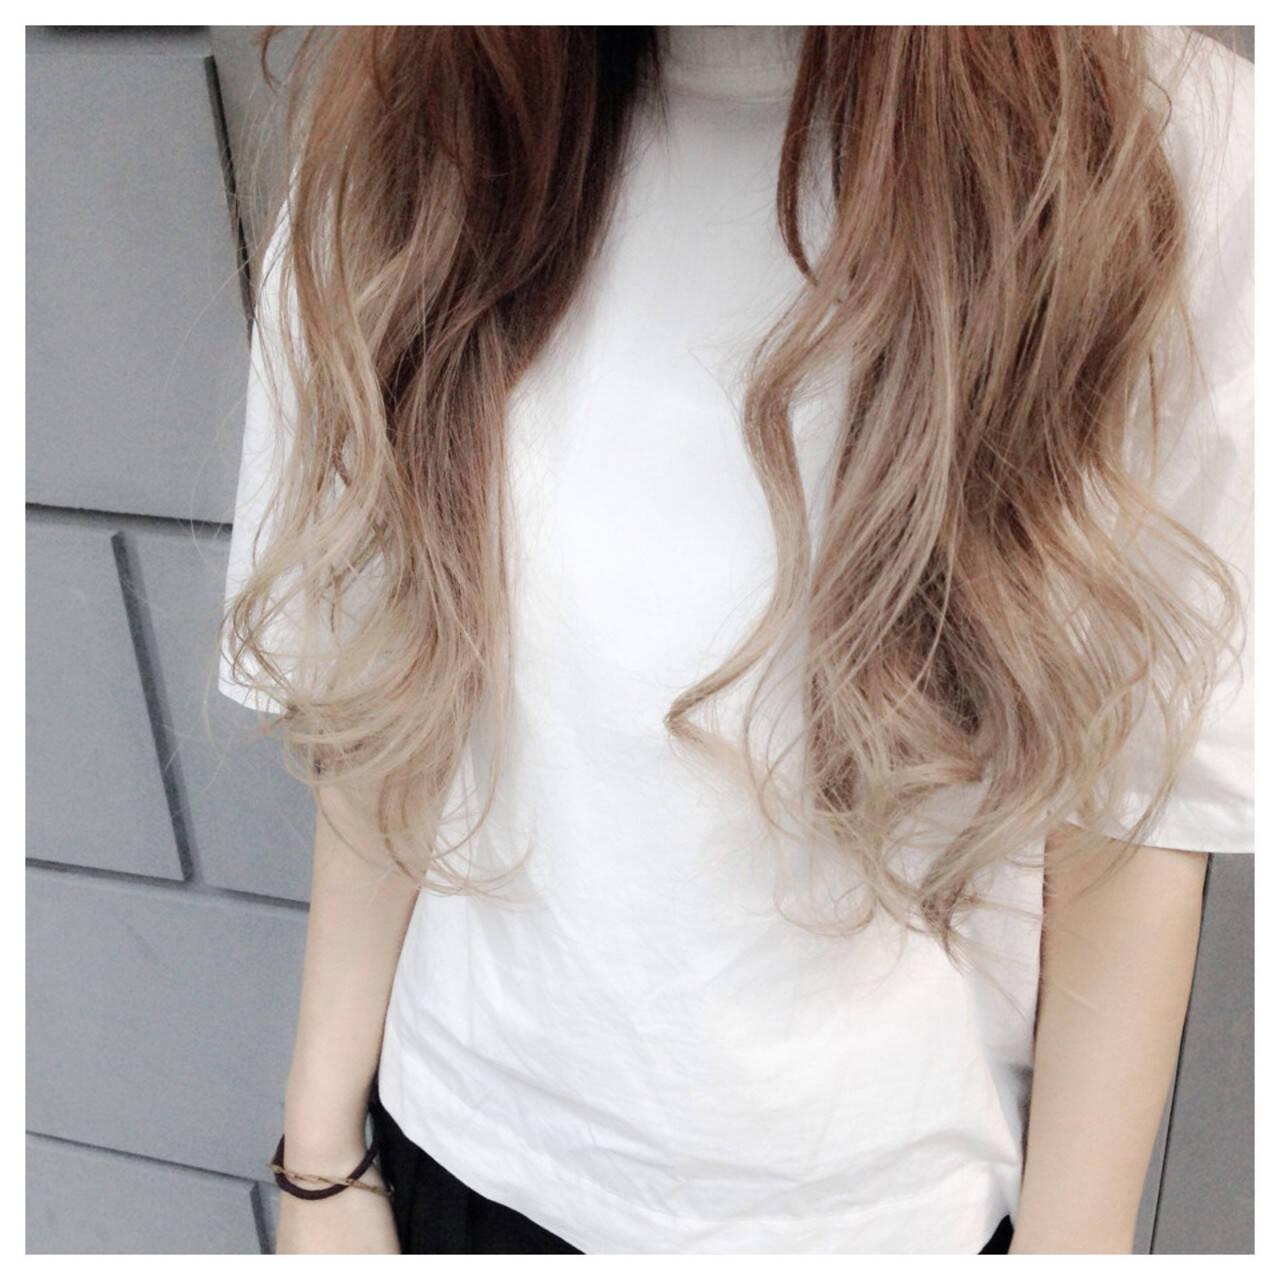 アッシュ ミルクティー ホワイトアッシュ ストリートヘアスタイルや髪型の写真・画像